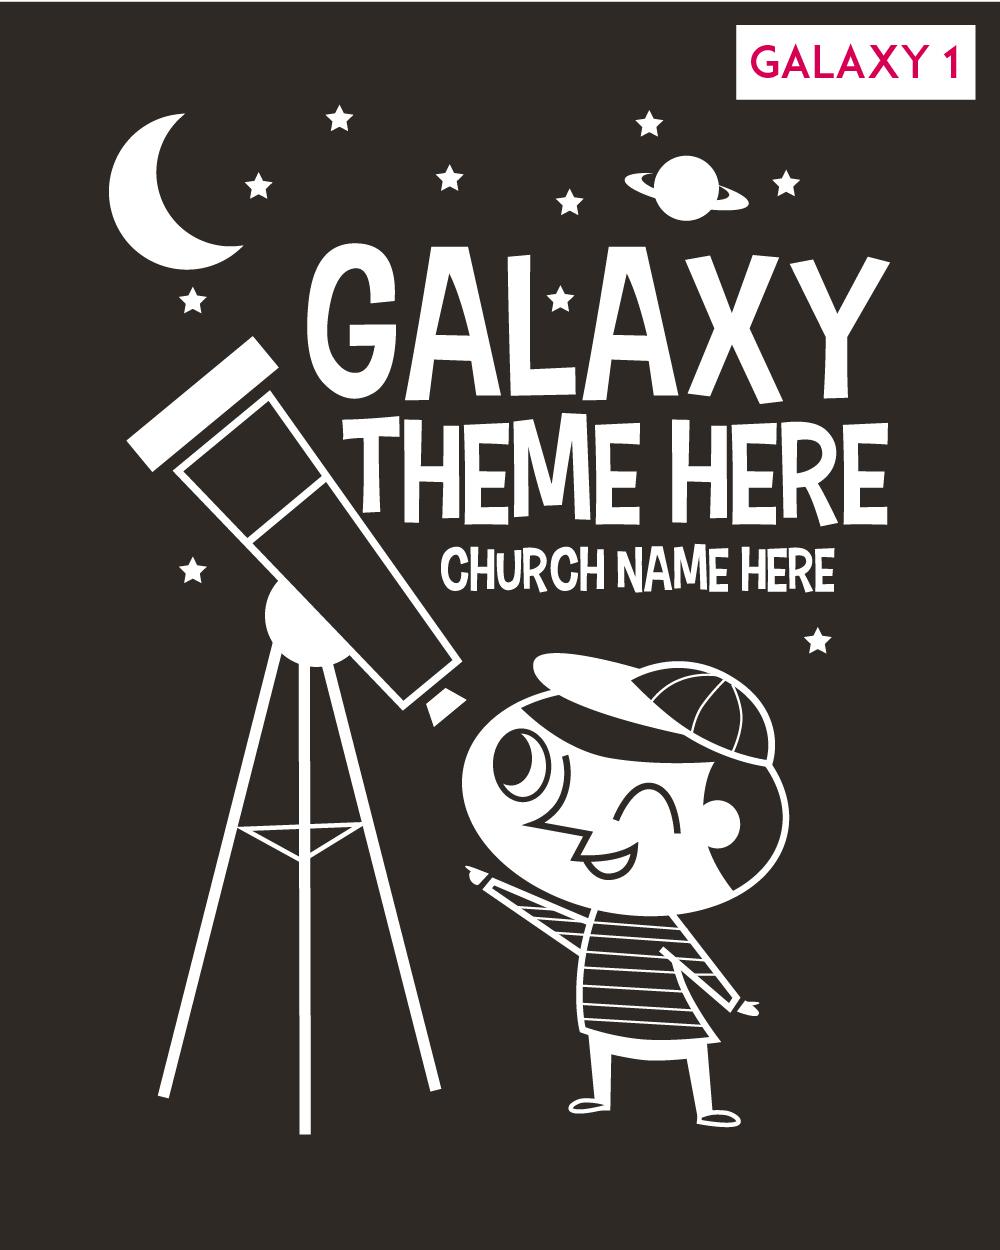 Galaxy 1-01.jpg